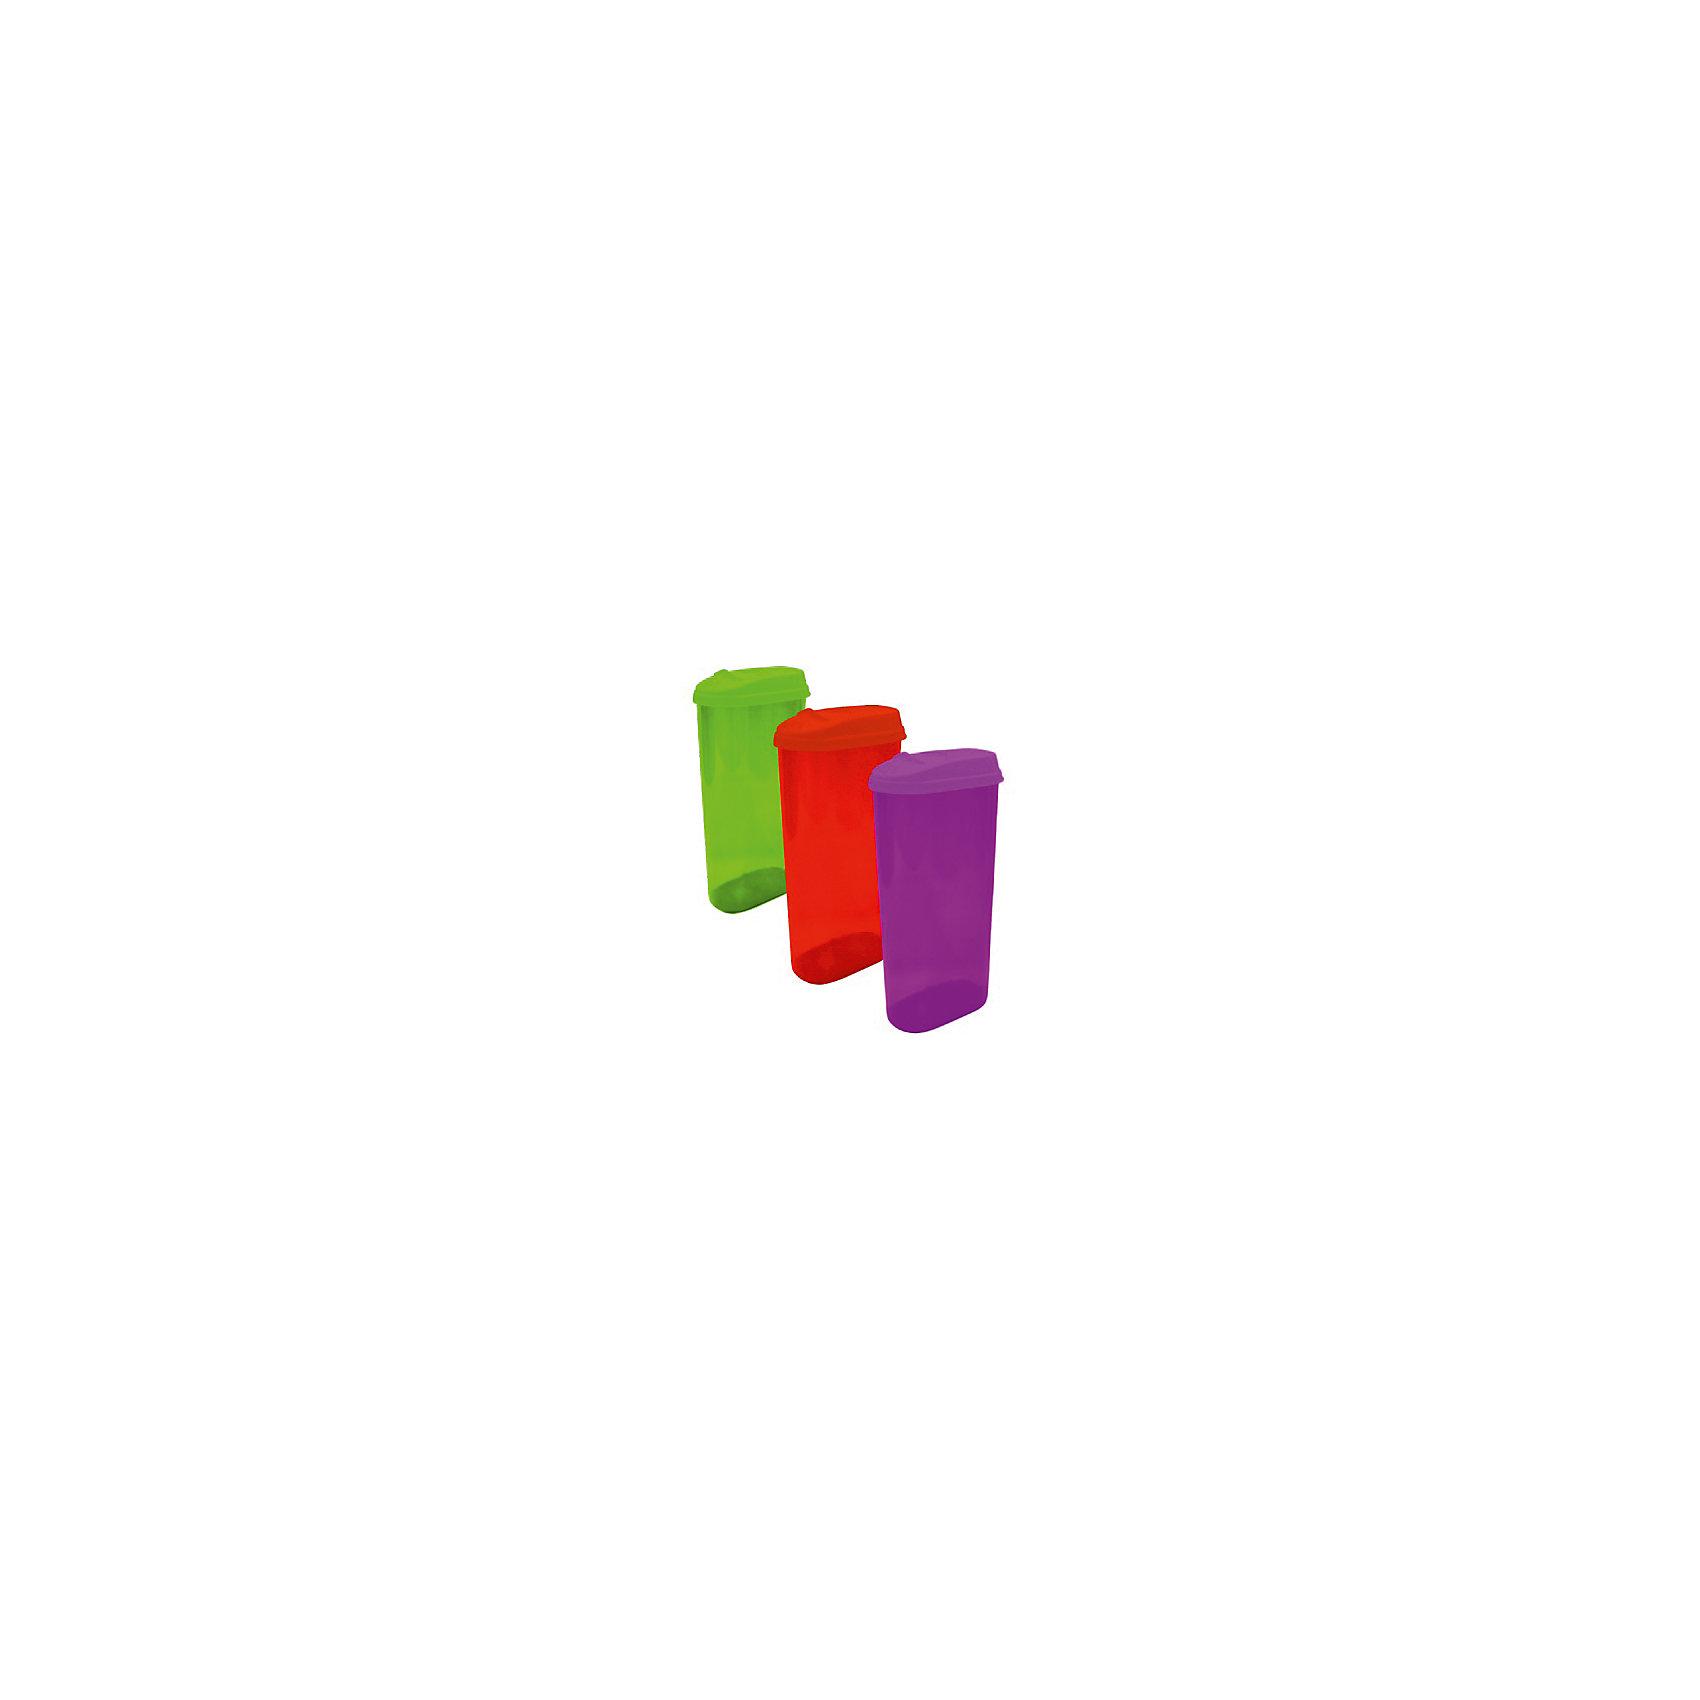 Банка для сыпучих продуктов с дозатором 2,4 л, GiarettiПосуда<br>Банка для сыпучих продуктов с дозатором 2,4 л, Giaretti<br><br>Характеристики:<br><br>• Материал: пластик<br>• В комплекте: 1 штука<br>• Объем: 2,4 литра<br>• Используется: для сыпучих продуктов<br><br>Банки данной серии снабжены плотной крышкой, благодаря чему в них удобно хранить даже специи, ведь они не пропускают запаха. Так же банка может использоваться для хранения сыпучих продуктов - круп, сахара, макарон и тд. Благодаря тому, что изделие изготовлено из высококачественного пищевого пластика, оно не влияет на вкус и запах хранящихся продуктов, а удобная форма позволят хранить не использующиеся банки, ставя их друг в друга для экономии пространства. Банка оснащена дозатором для высыпания. <br><br>Банка для сыпучих продуктов с дозатором 2,4 л, Giaretti можно купить в нашем интернет-магазине.<br><br>Ширина мм: 155<br>Глубина мм: 90<br>Высота мм: 305<br>Вес г: 304<br>Возраст от месяцев: 216<br>Возраст до месяцев: 1188<br>Пол: Унисекс<br>Возраст: Детский<br>SKU: 5545635